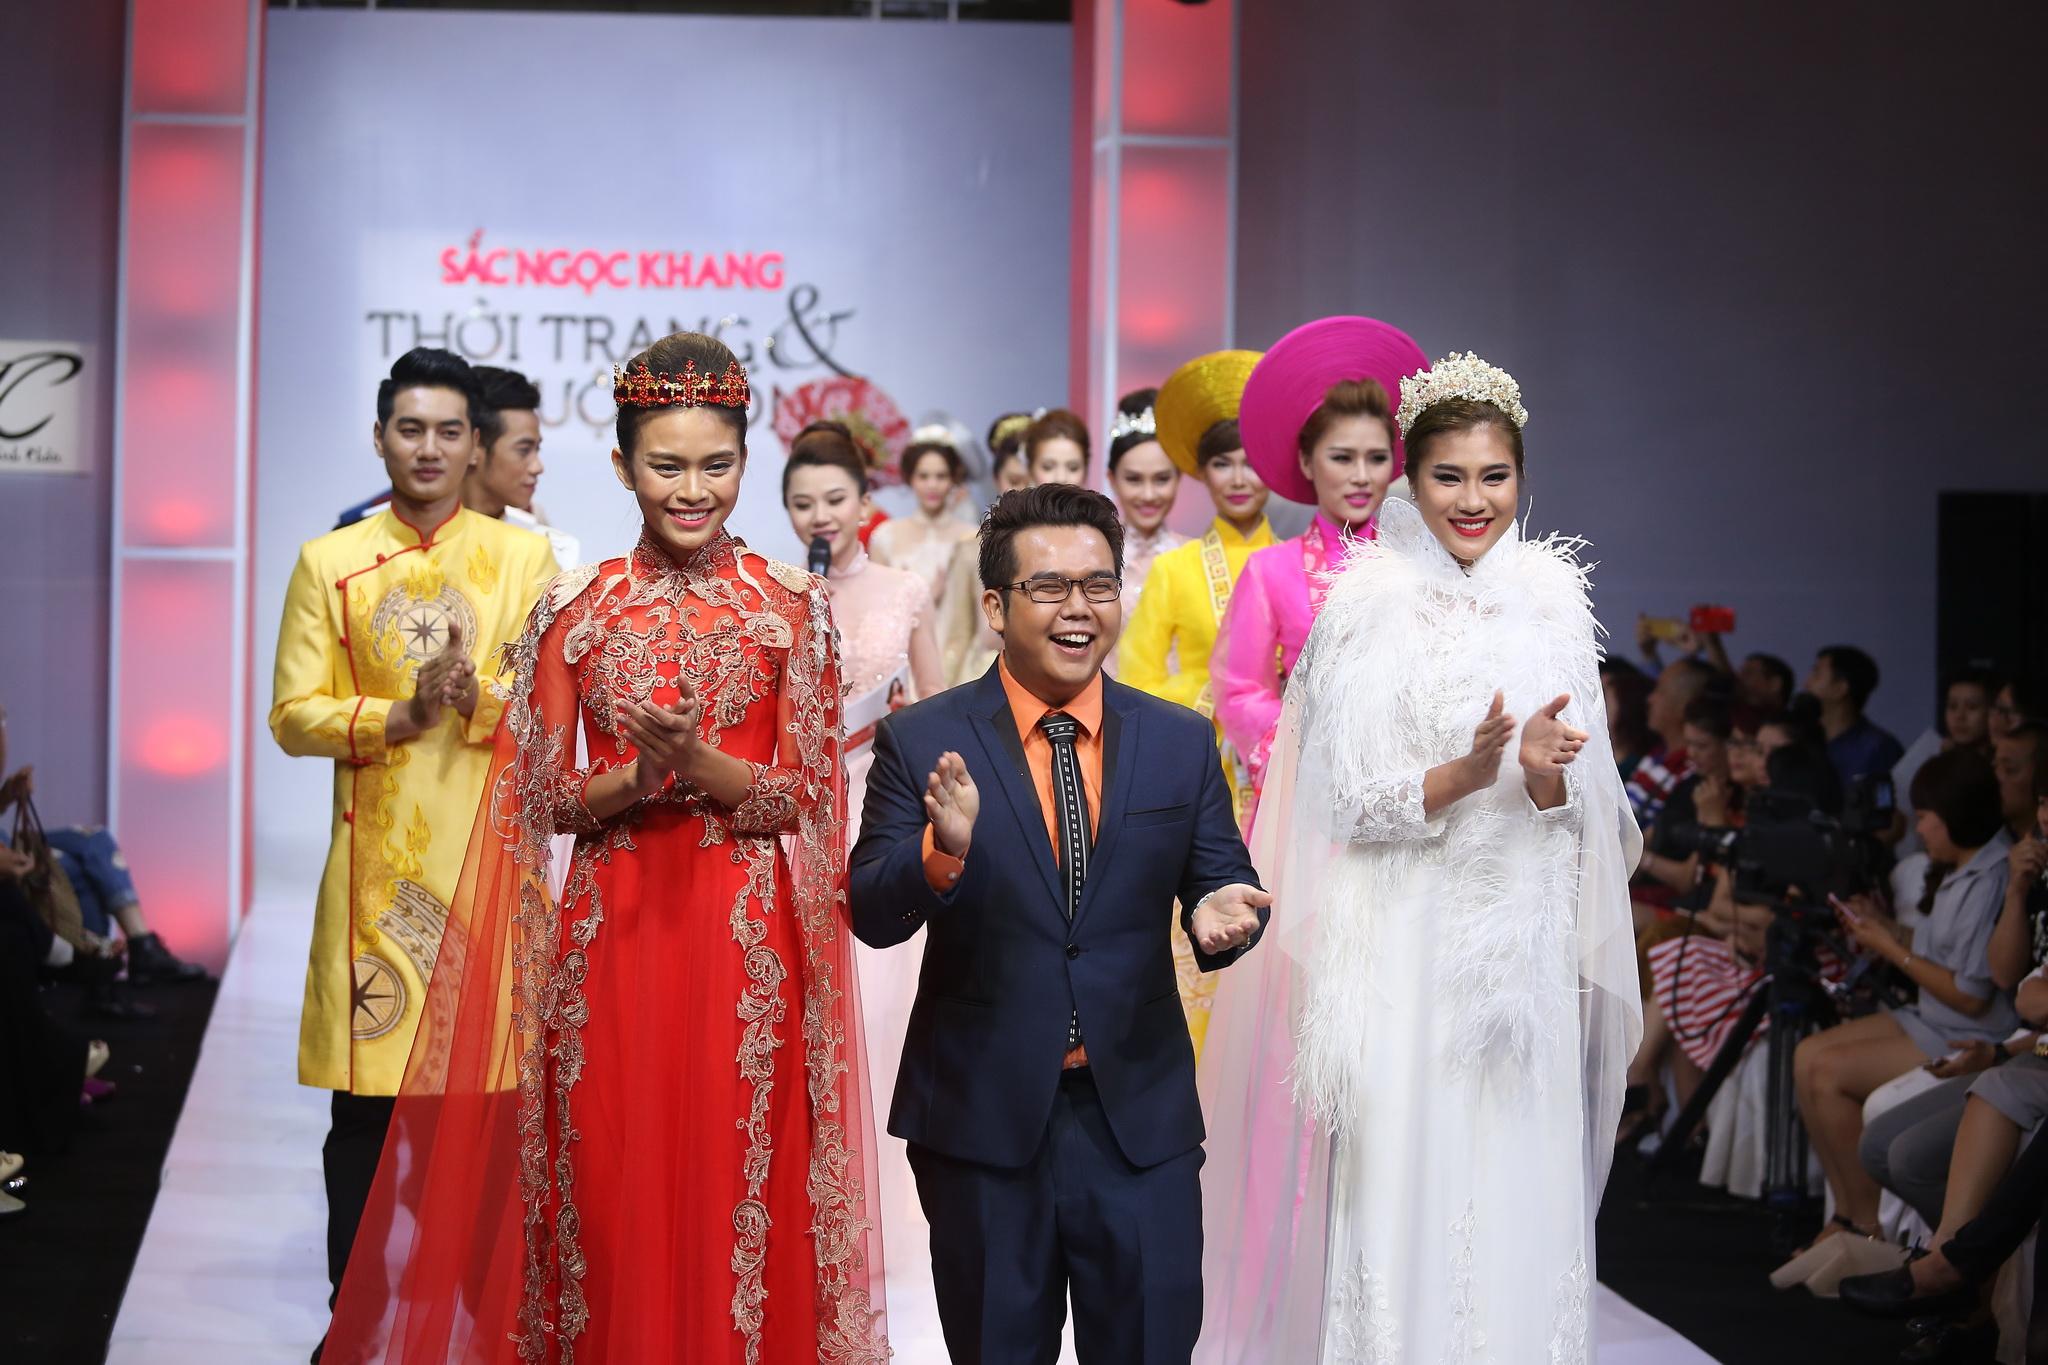 Thương hiệu áo dài Minh Châu và BST cưới năm 2015